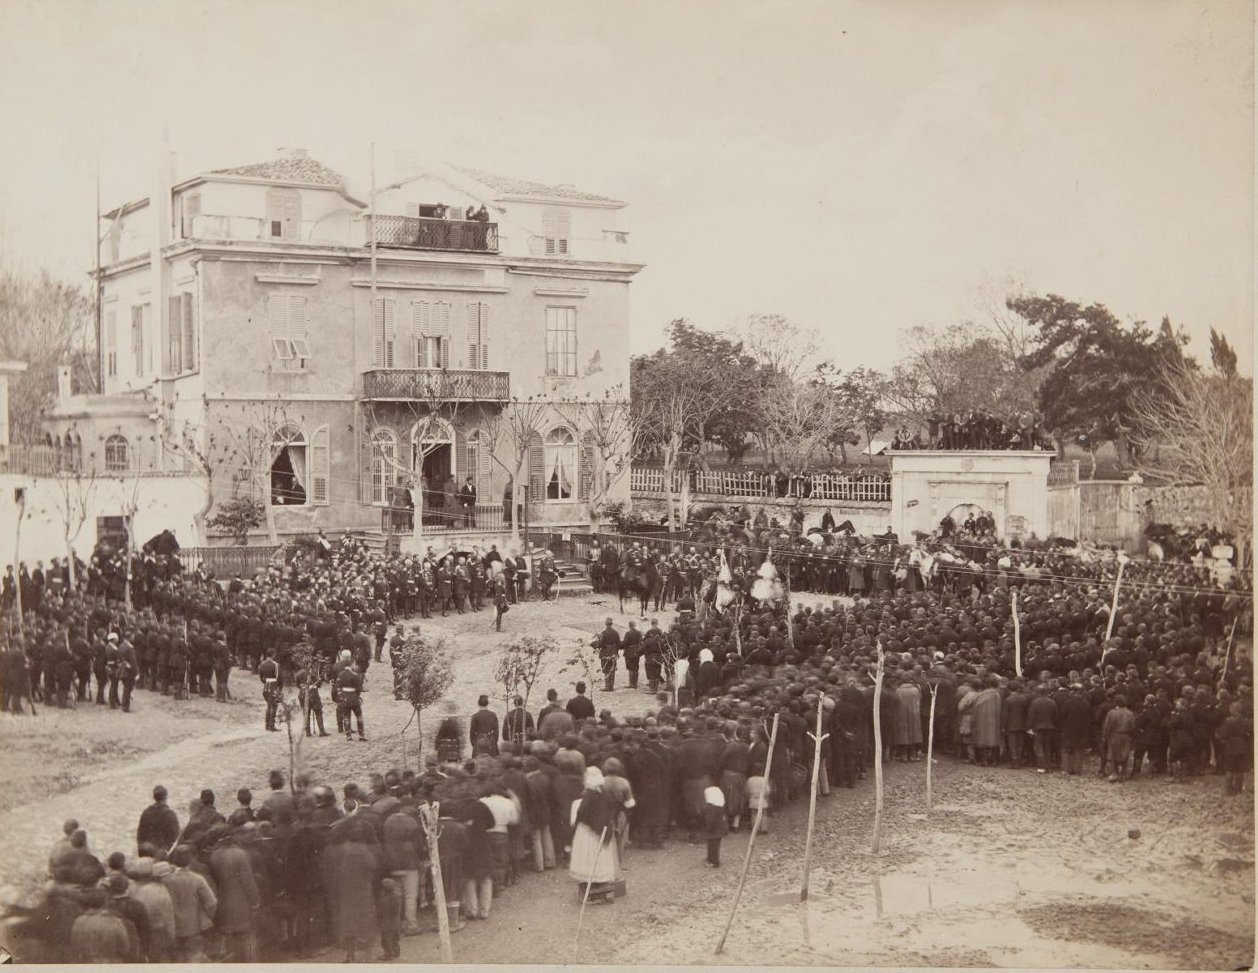 Группа 19 февраля 1879, снята в Турции, близ Константинополя в день заключения мира с Турцией